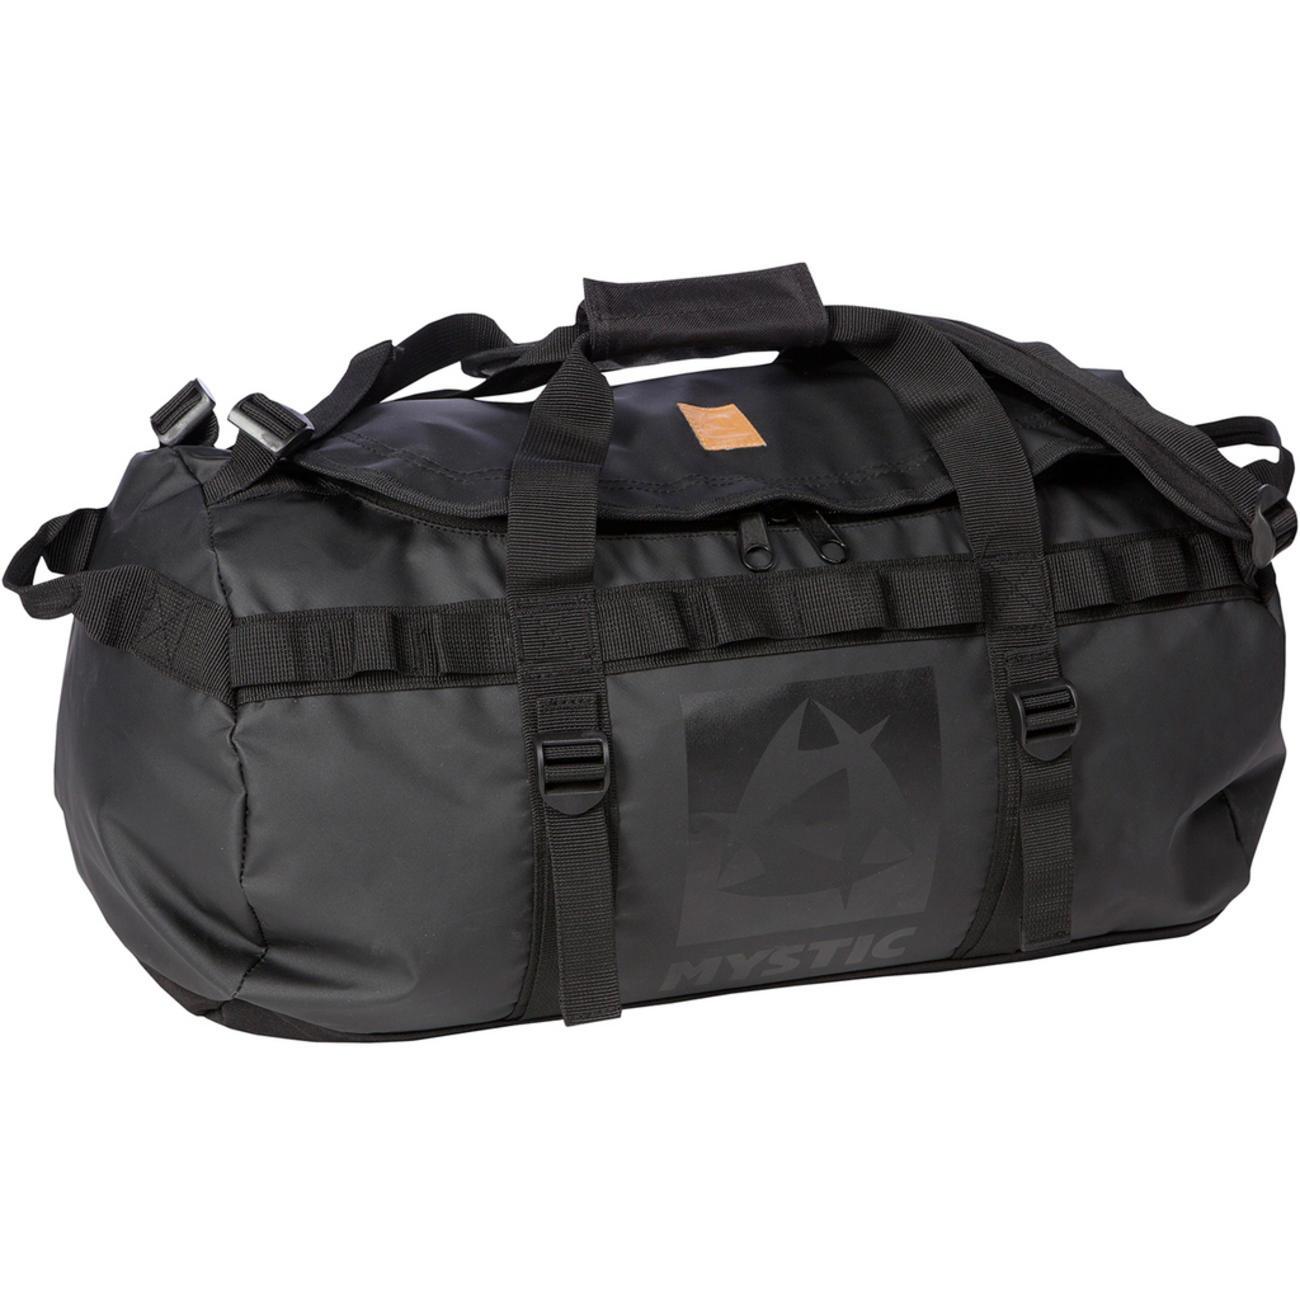 Sportsbag semi dry 32L